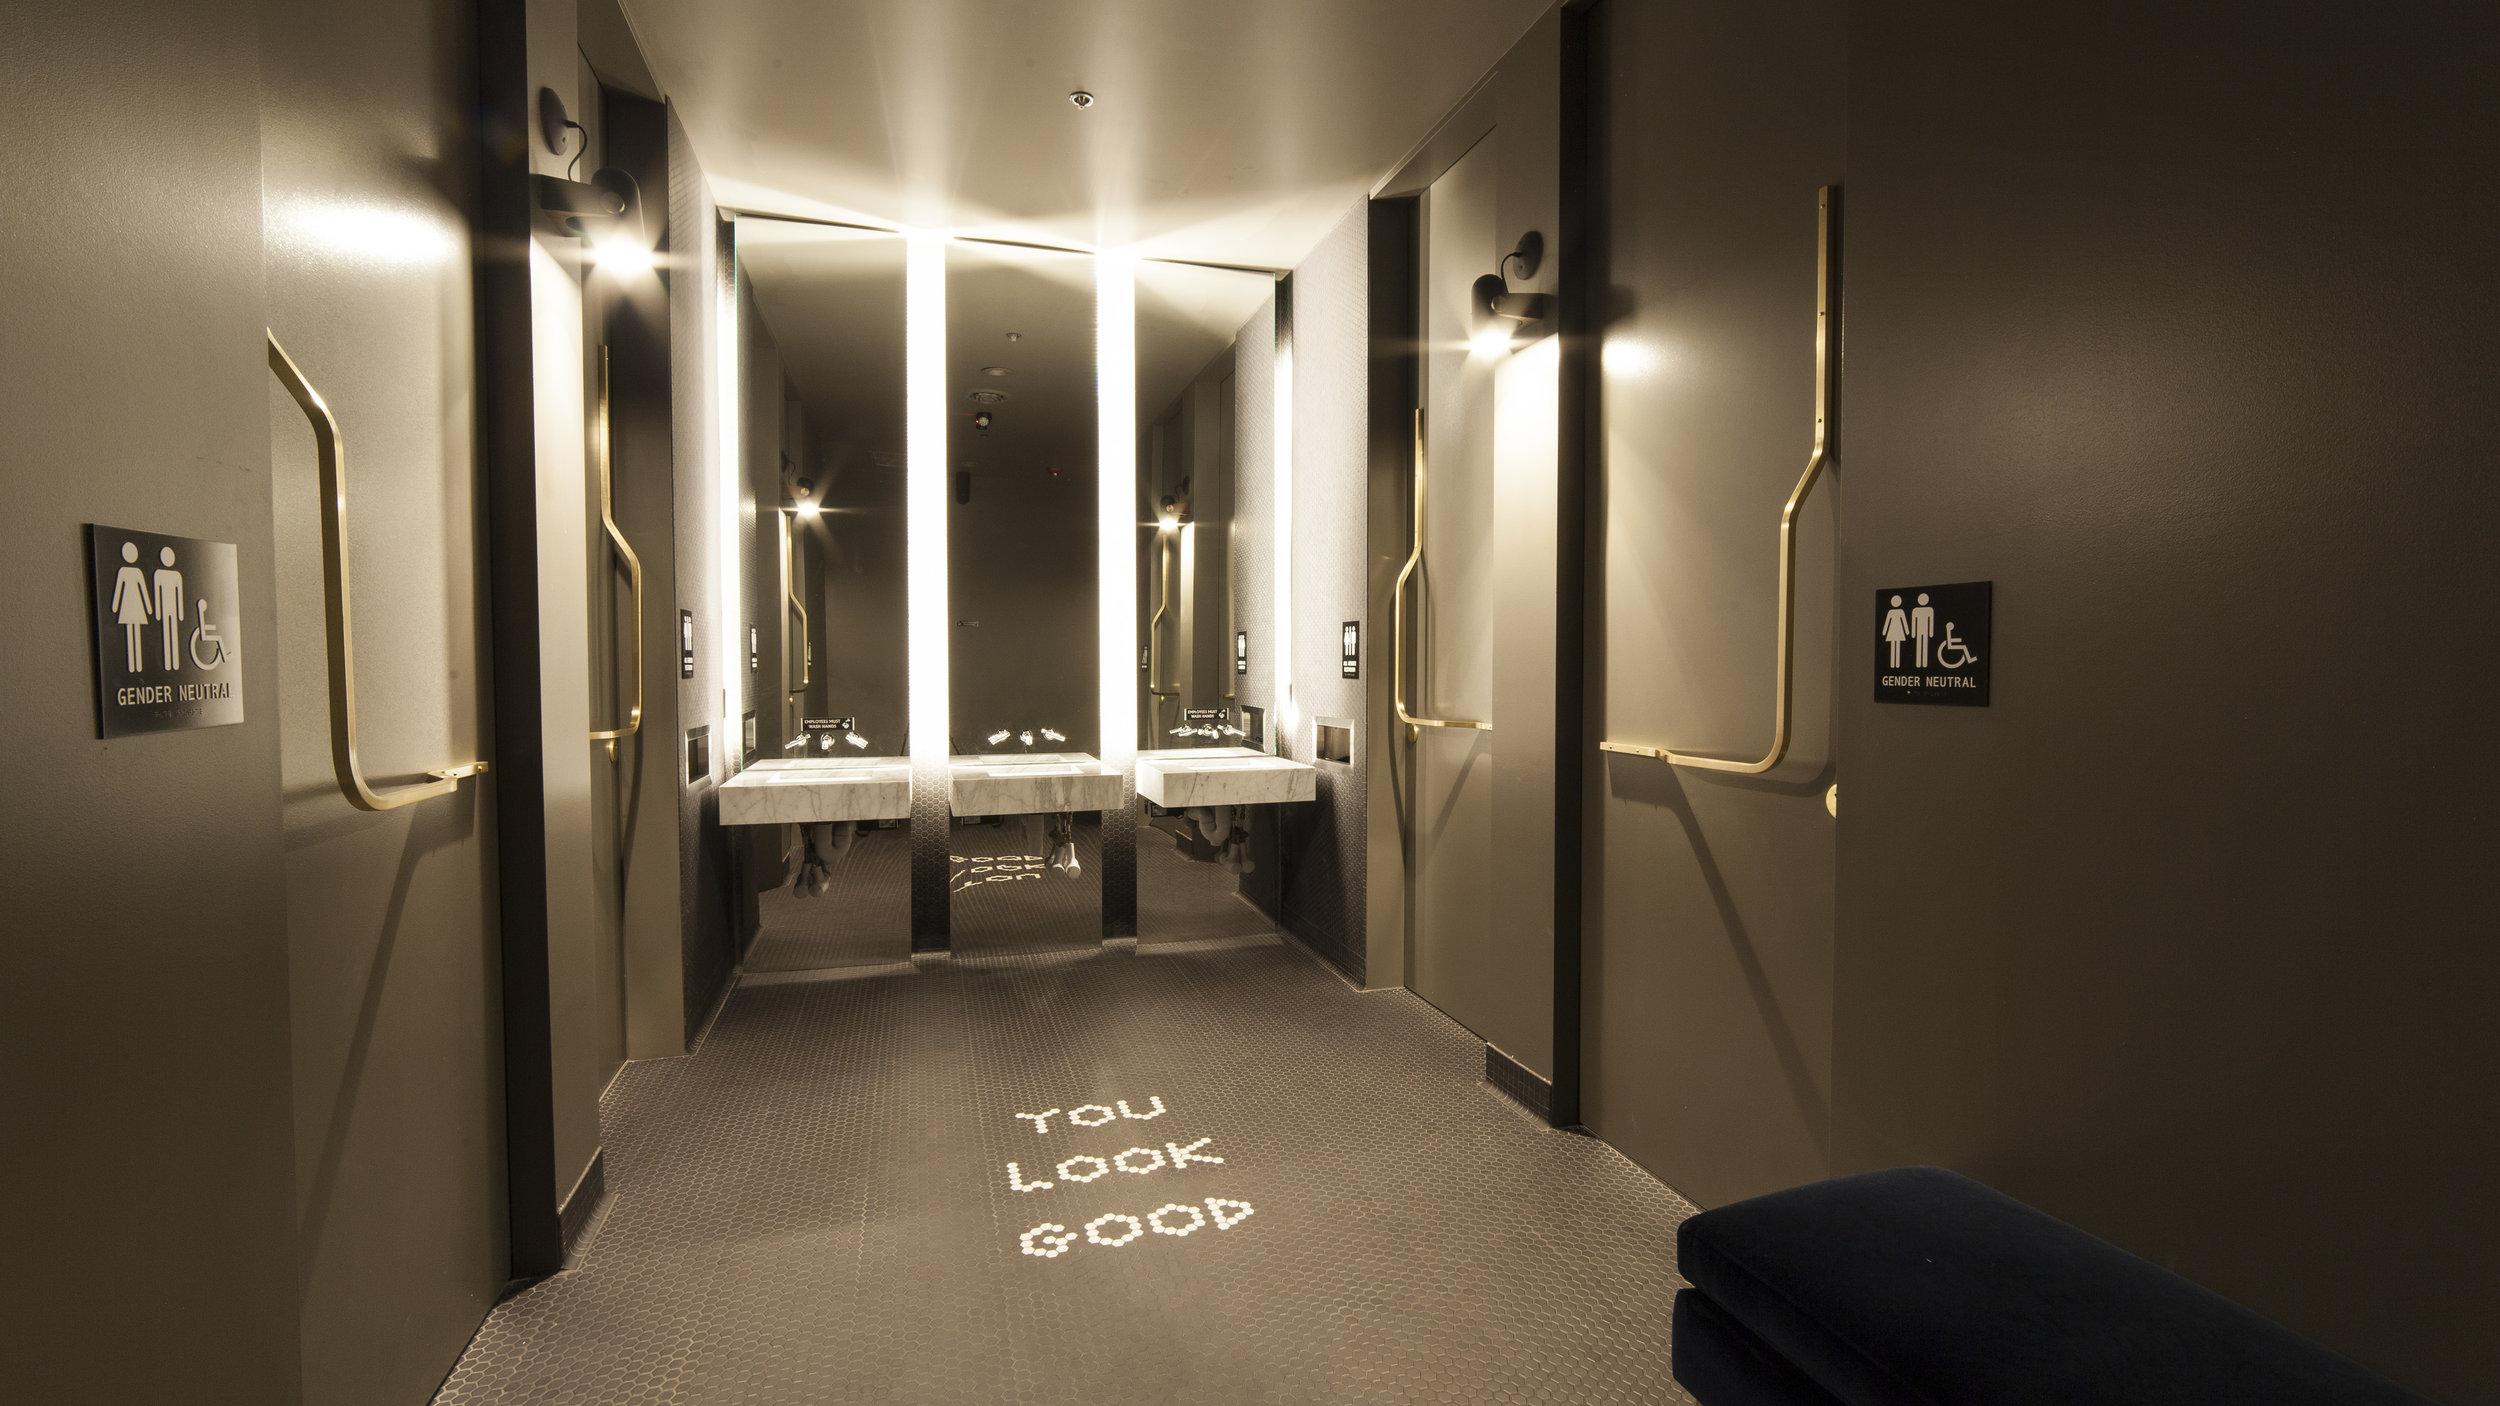 Nightcap Ann Arbor bar interior design and gender neutral restrooms by Synecdoche Design Studio